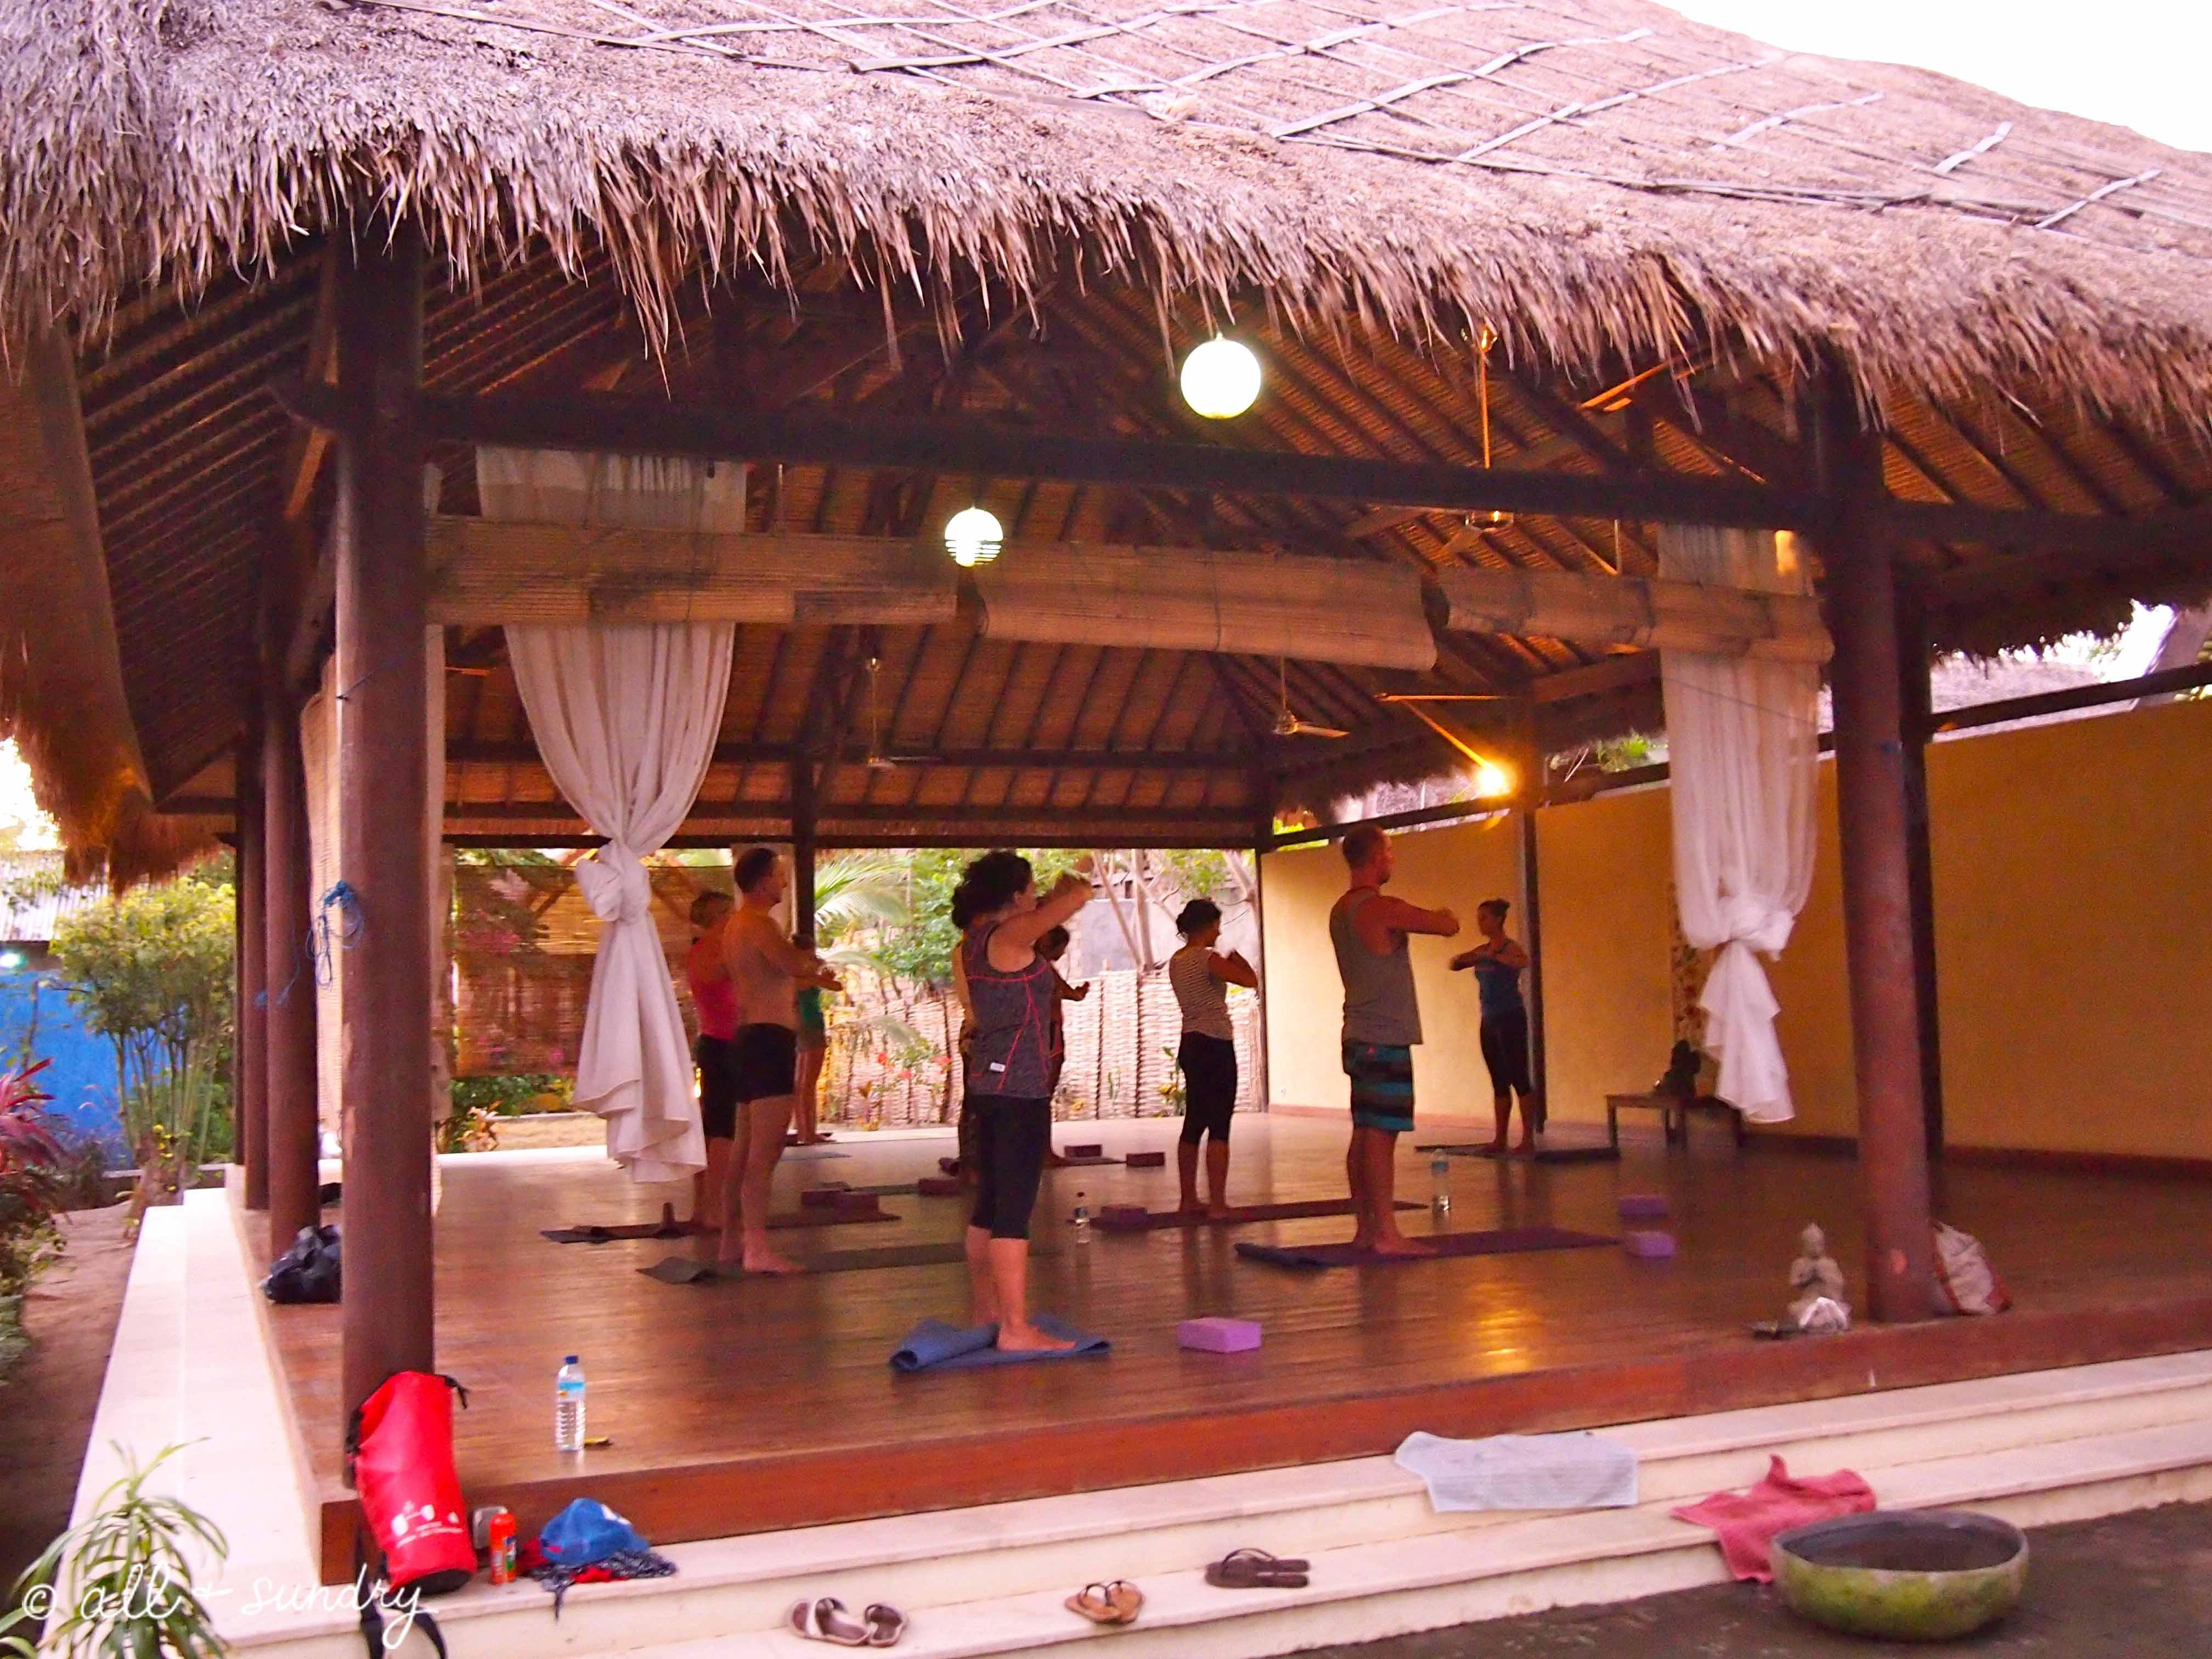 Bali Jet Lag Journal Bohemian Life On Gili T